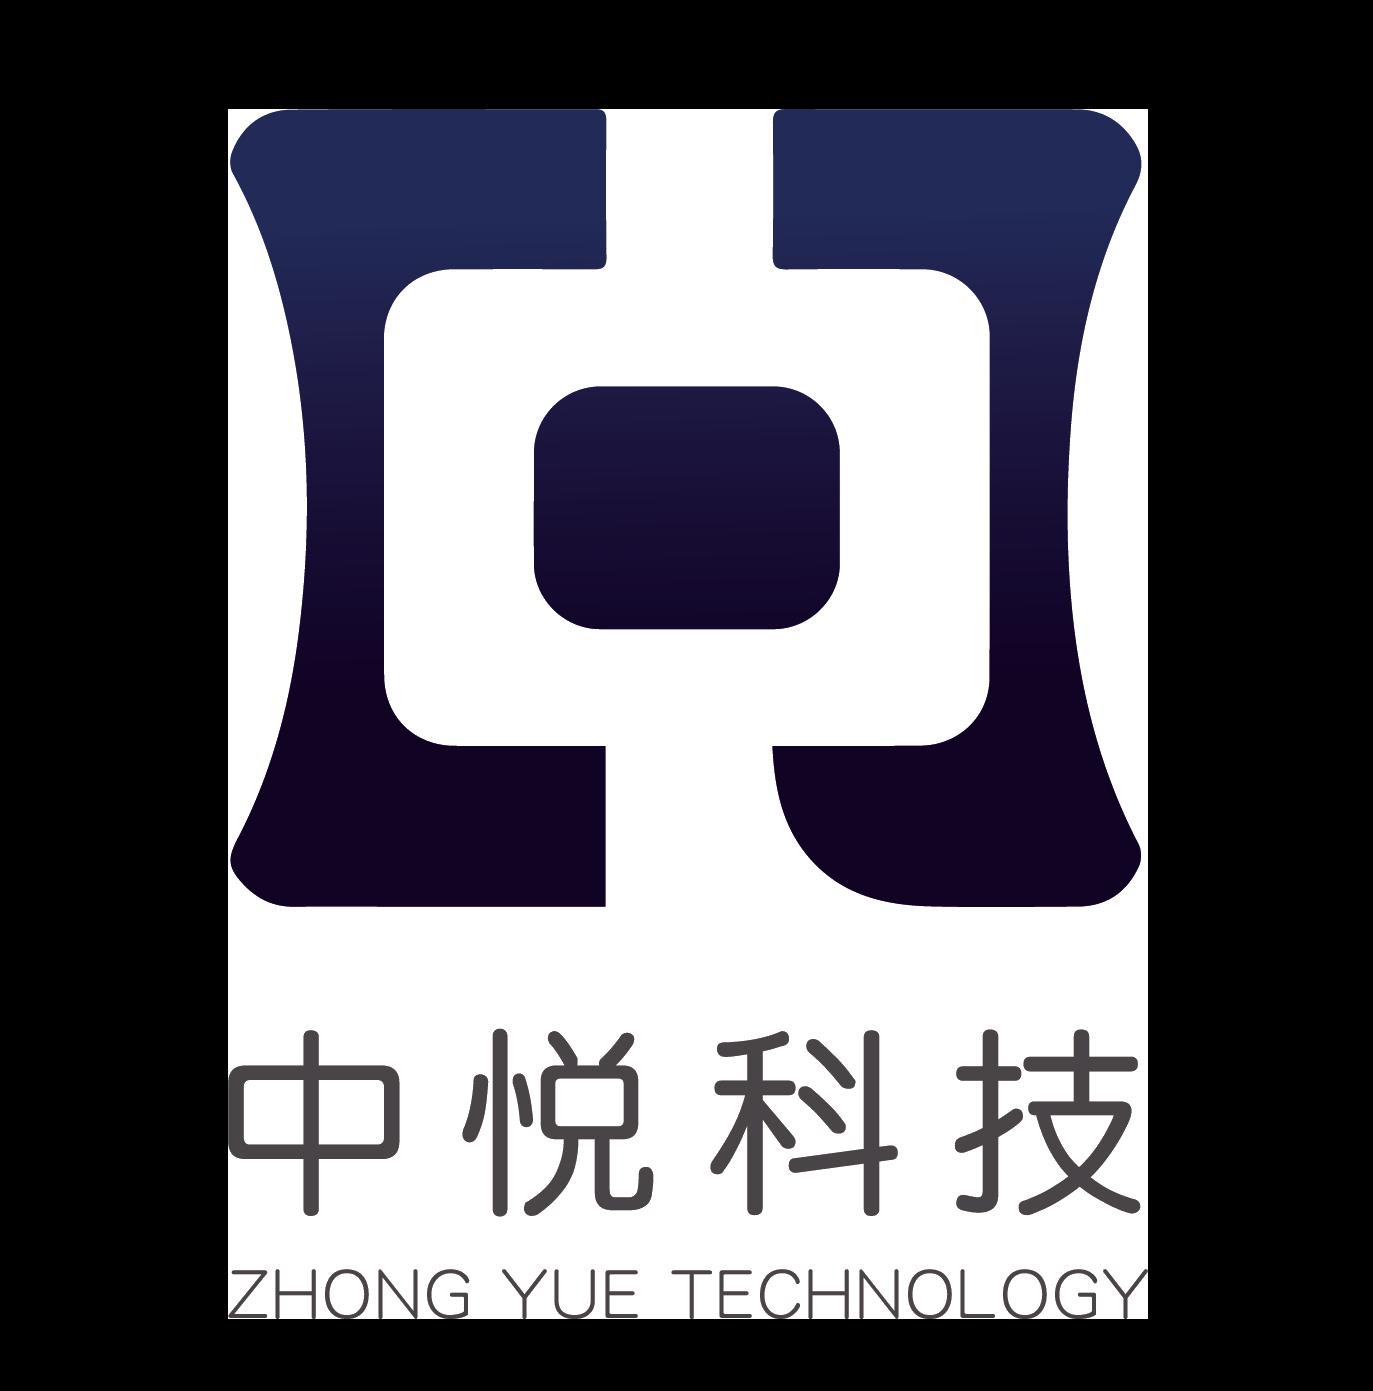 珠海中悦科技有限公司logo